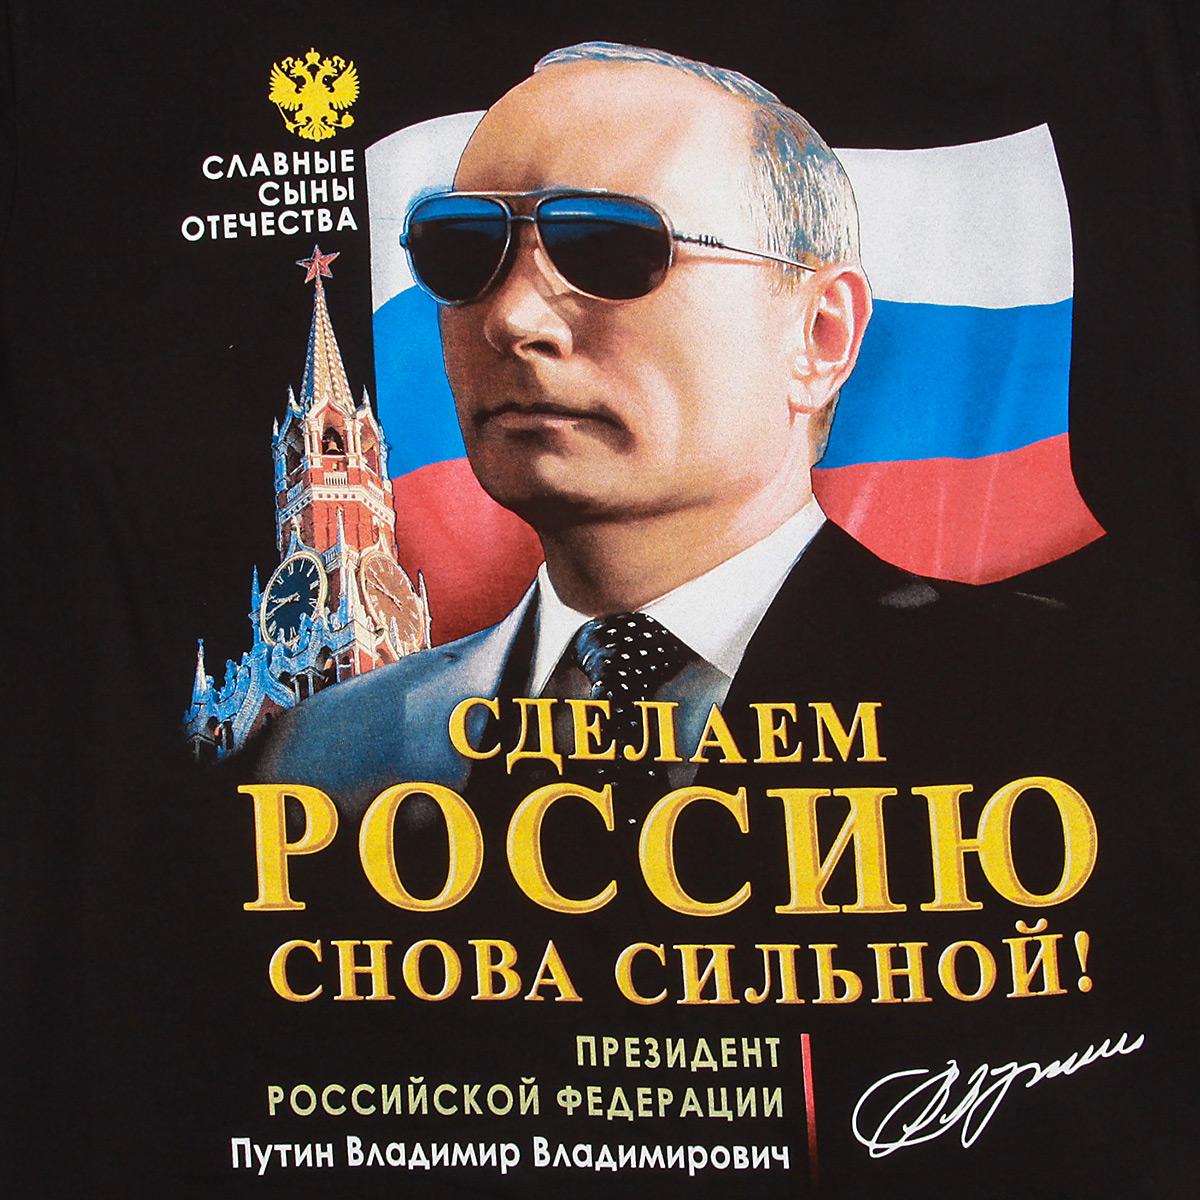 """Футболка """"Сделаем Россию сильной"""" - принт"""